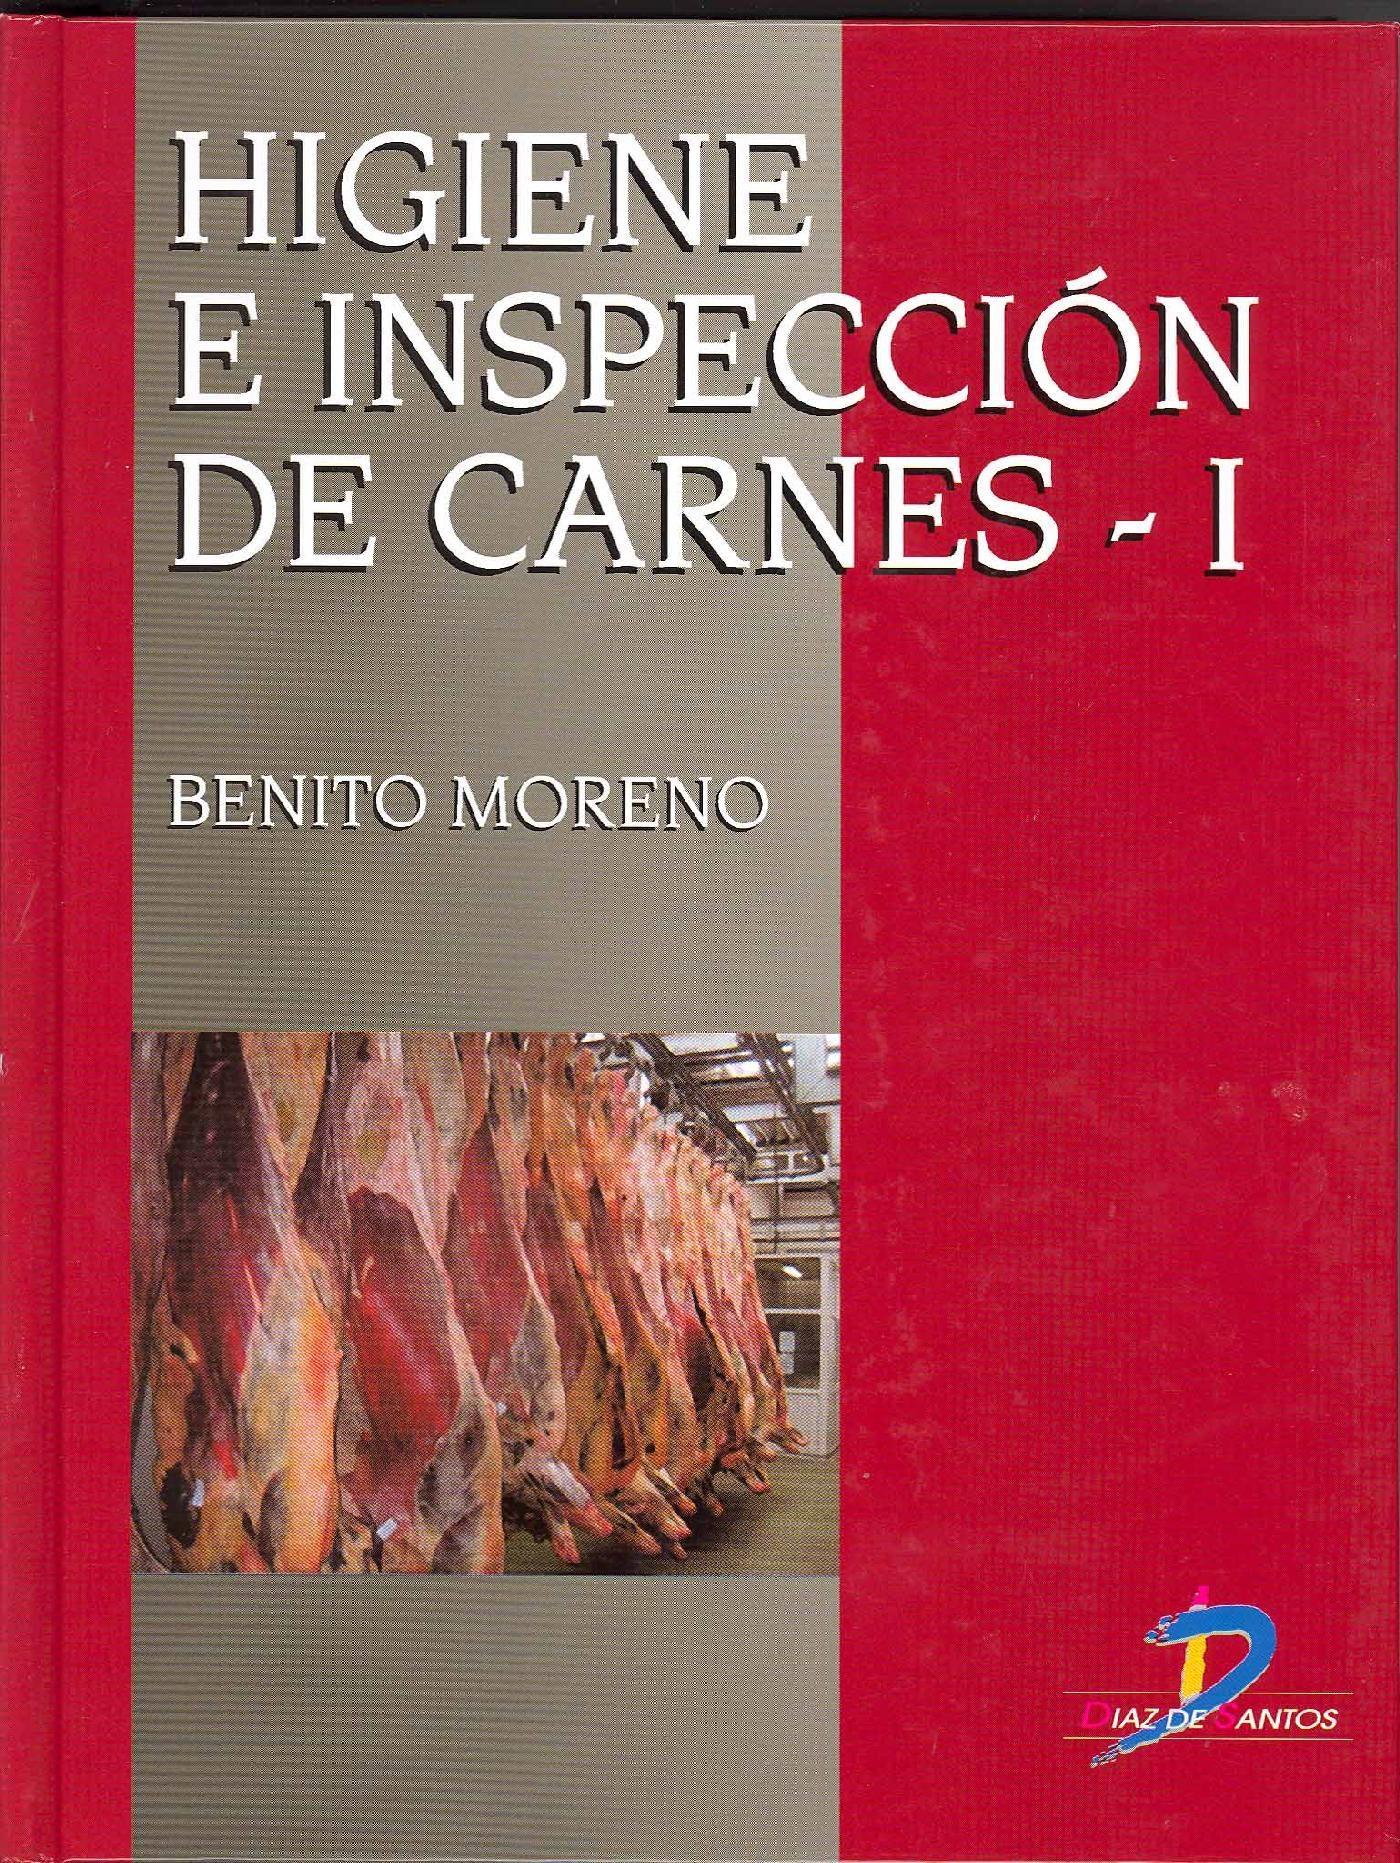 Higiene E Inspección De Carnes I   por Benito Moreno